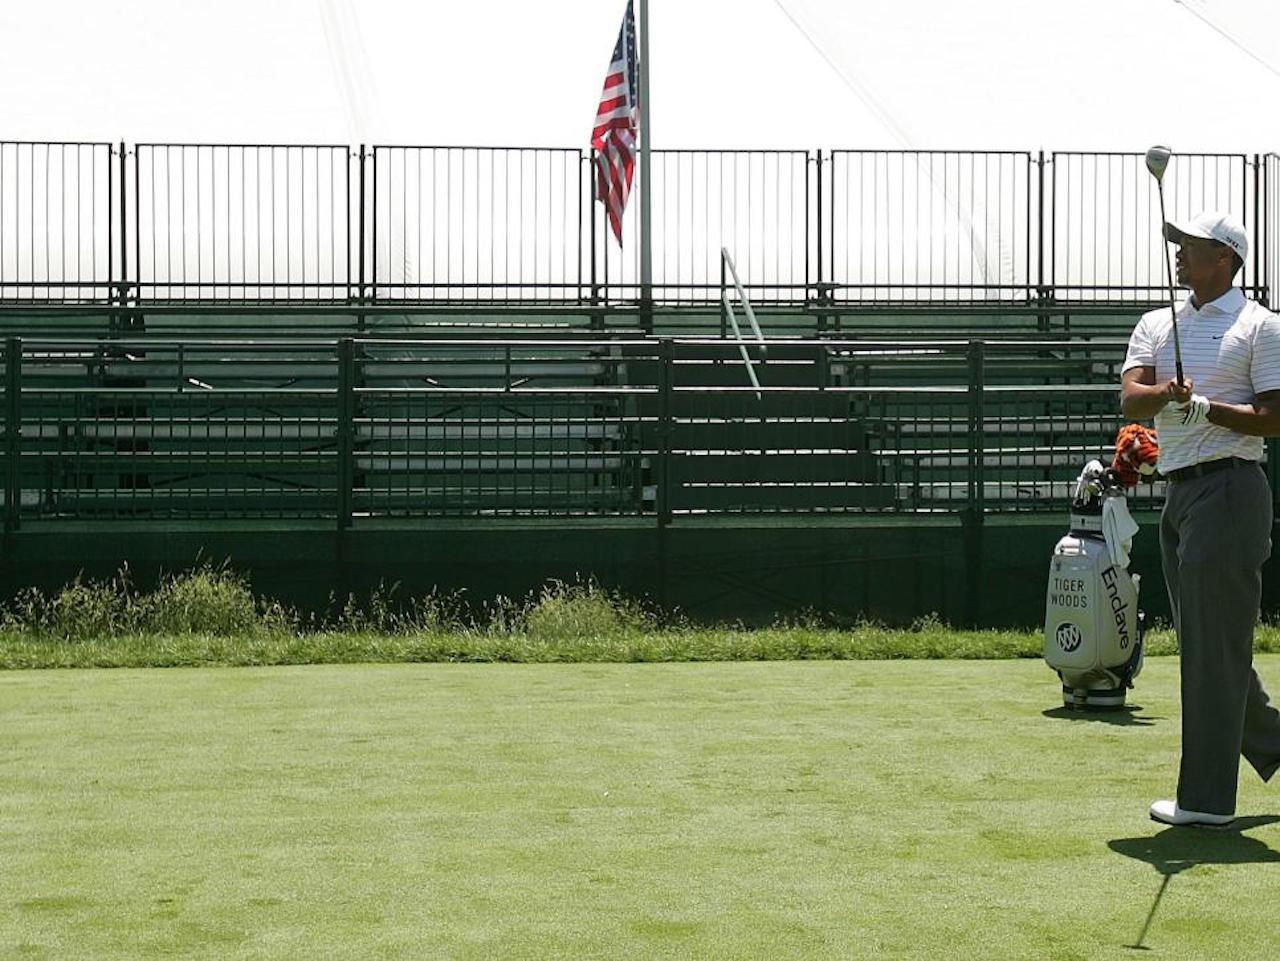 Tiger Woods PGA Tour no fans